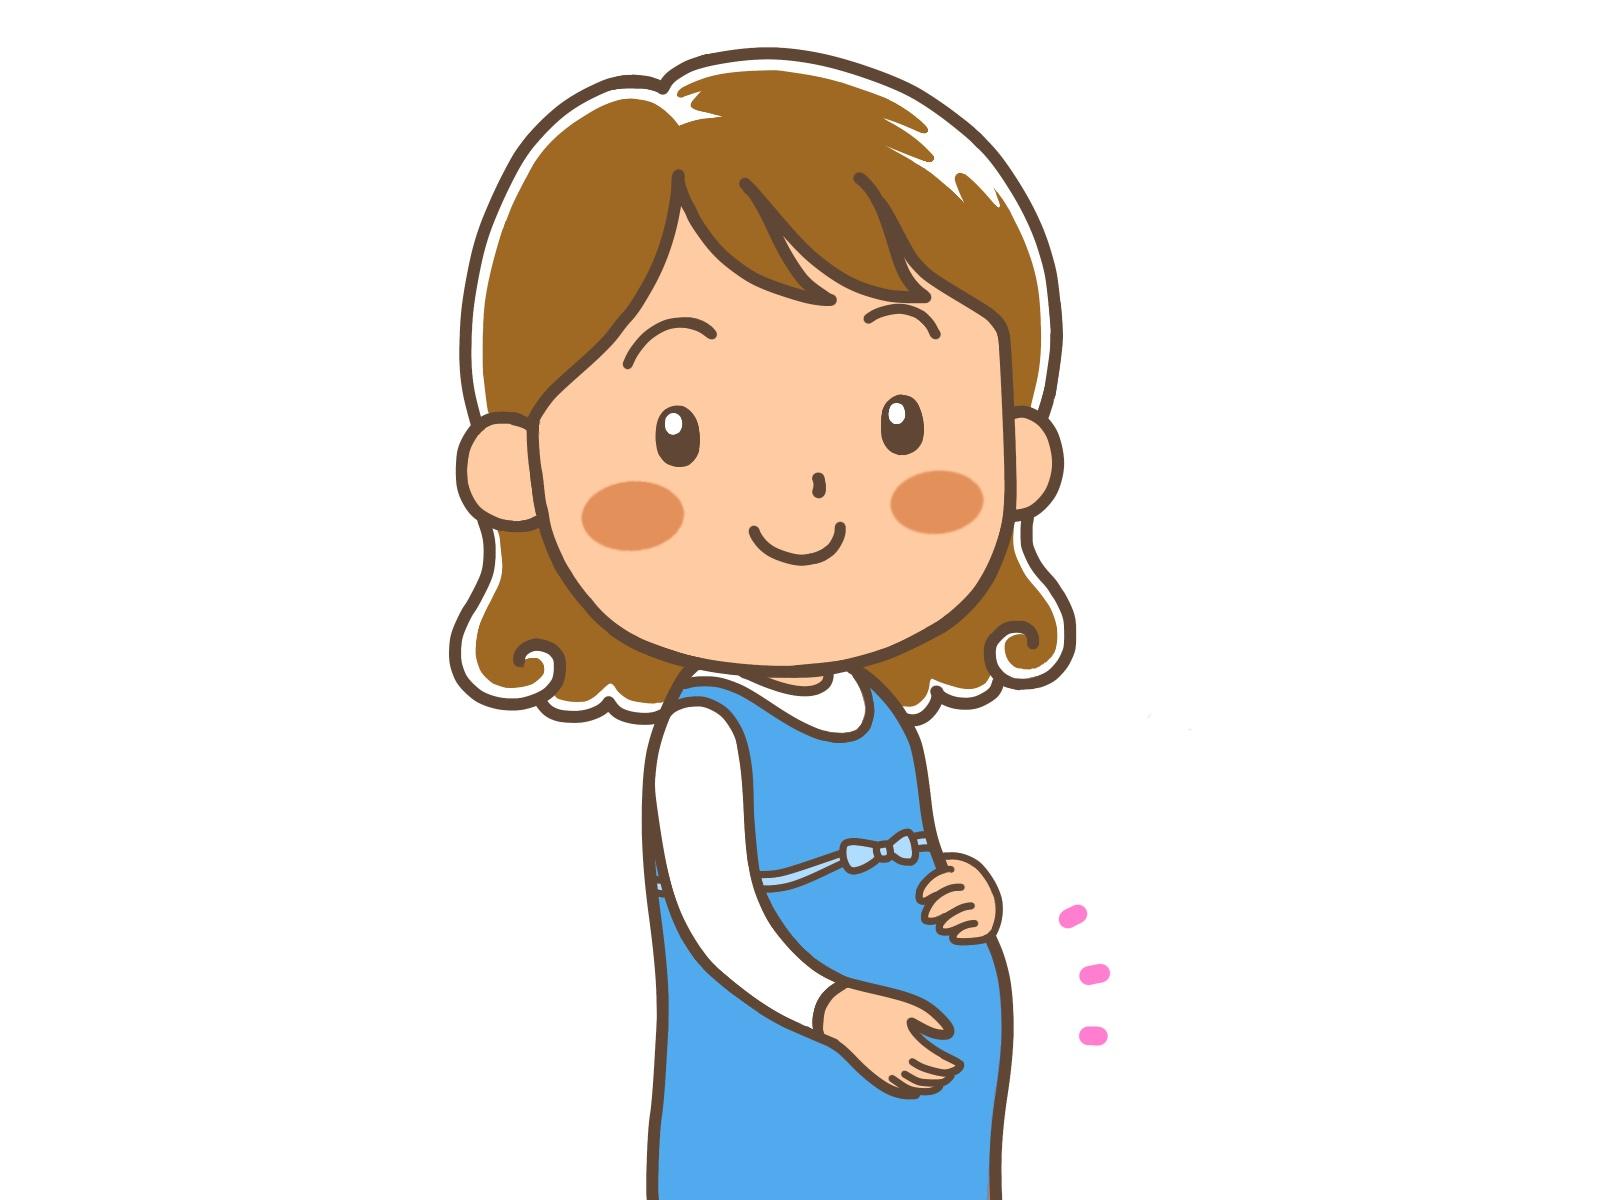 Ⅰ型糖尿病の私が妊娠中におこなった血糖値の管理